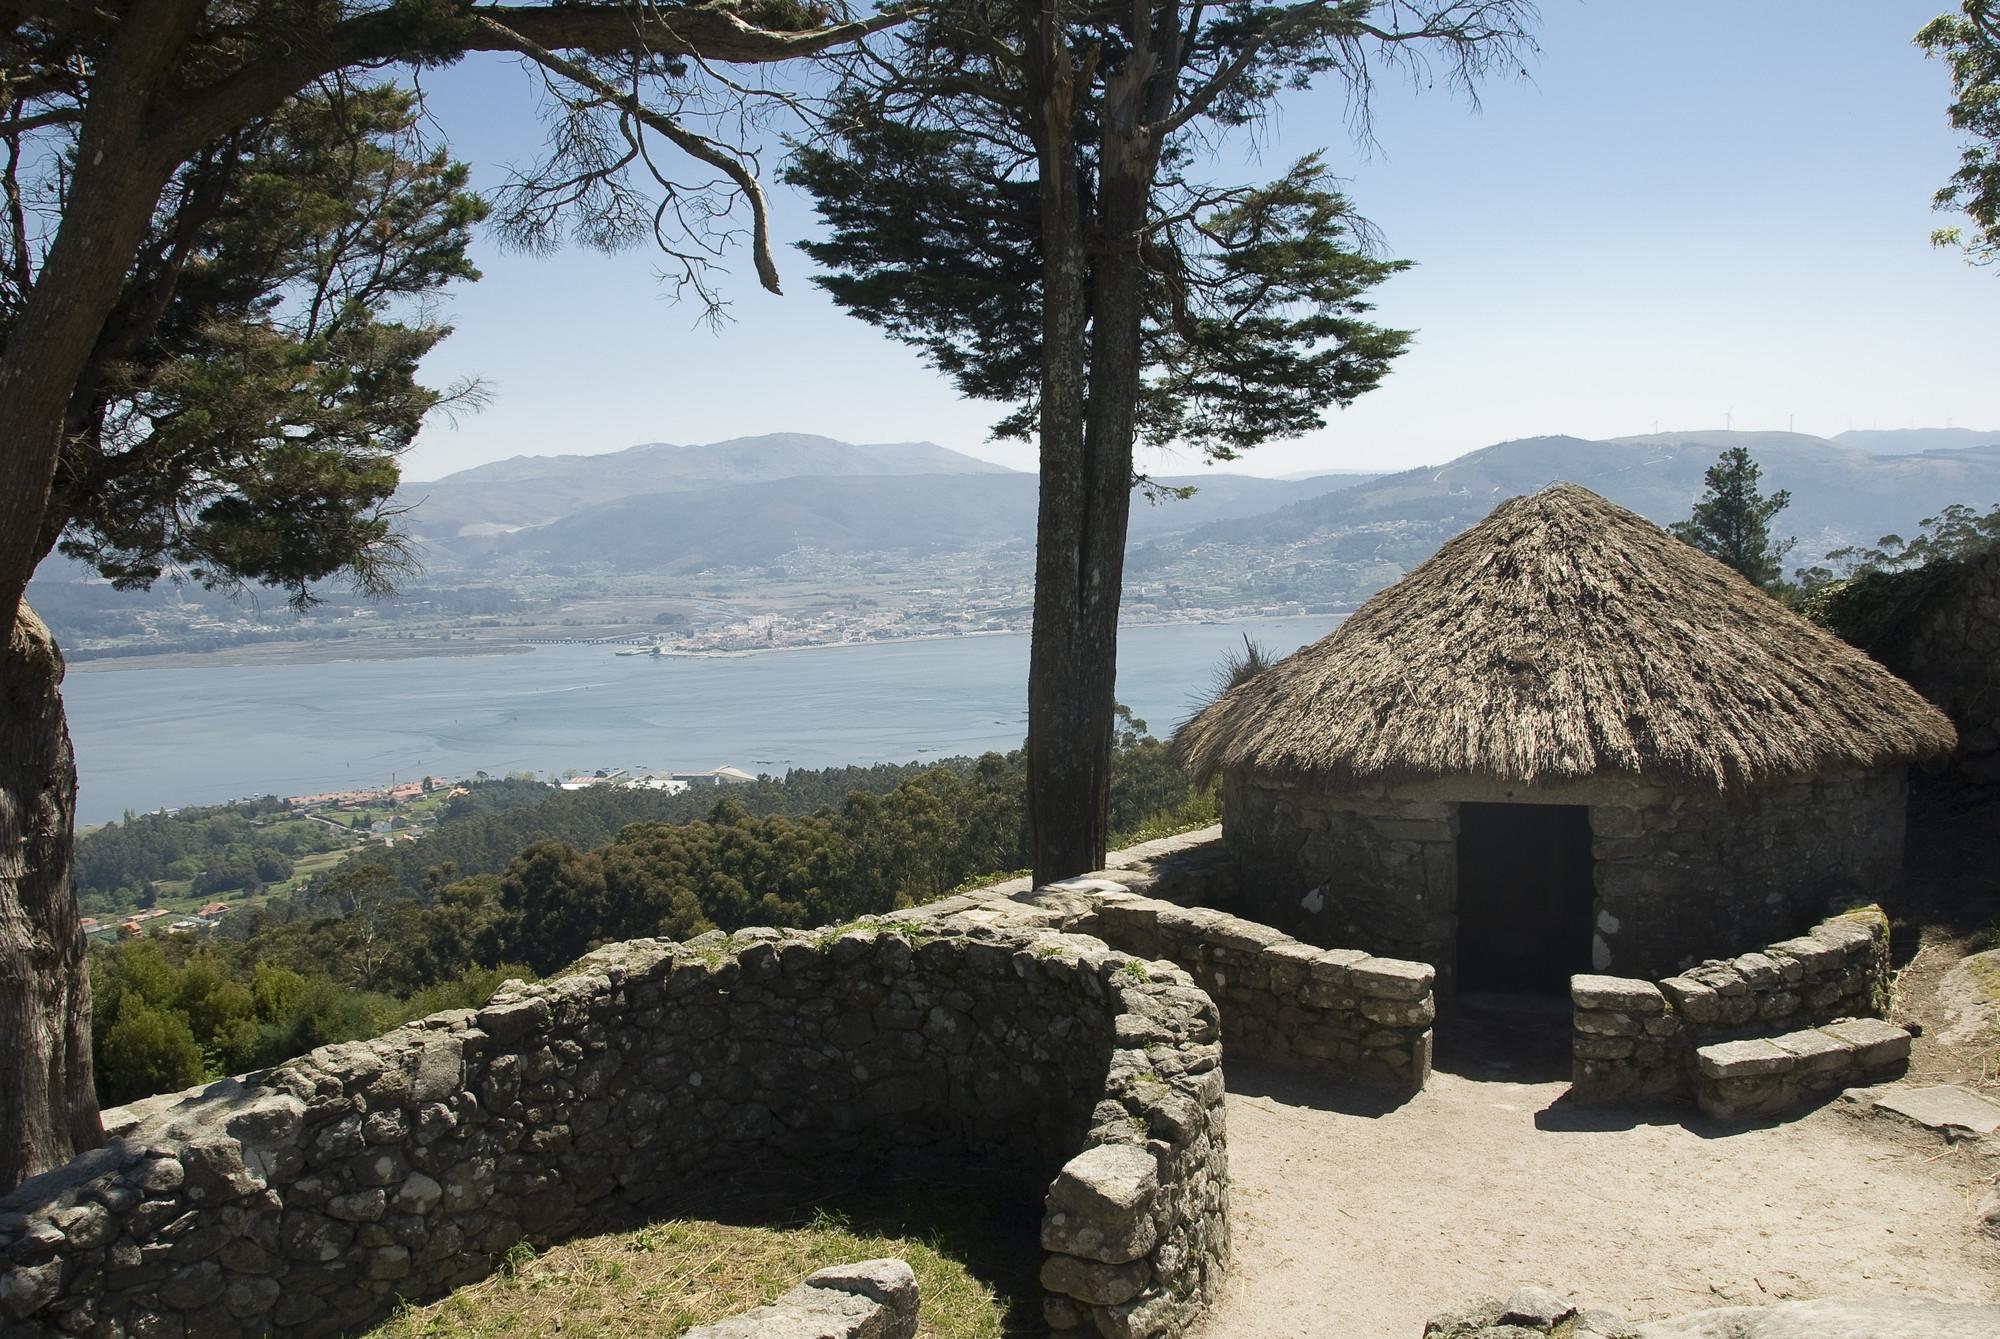 La Guardia - Santa Tecla- Rias Baixas Turismo - Visitar Galicia